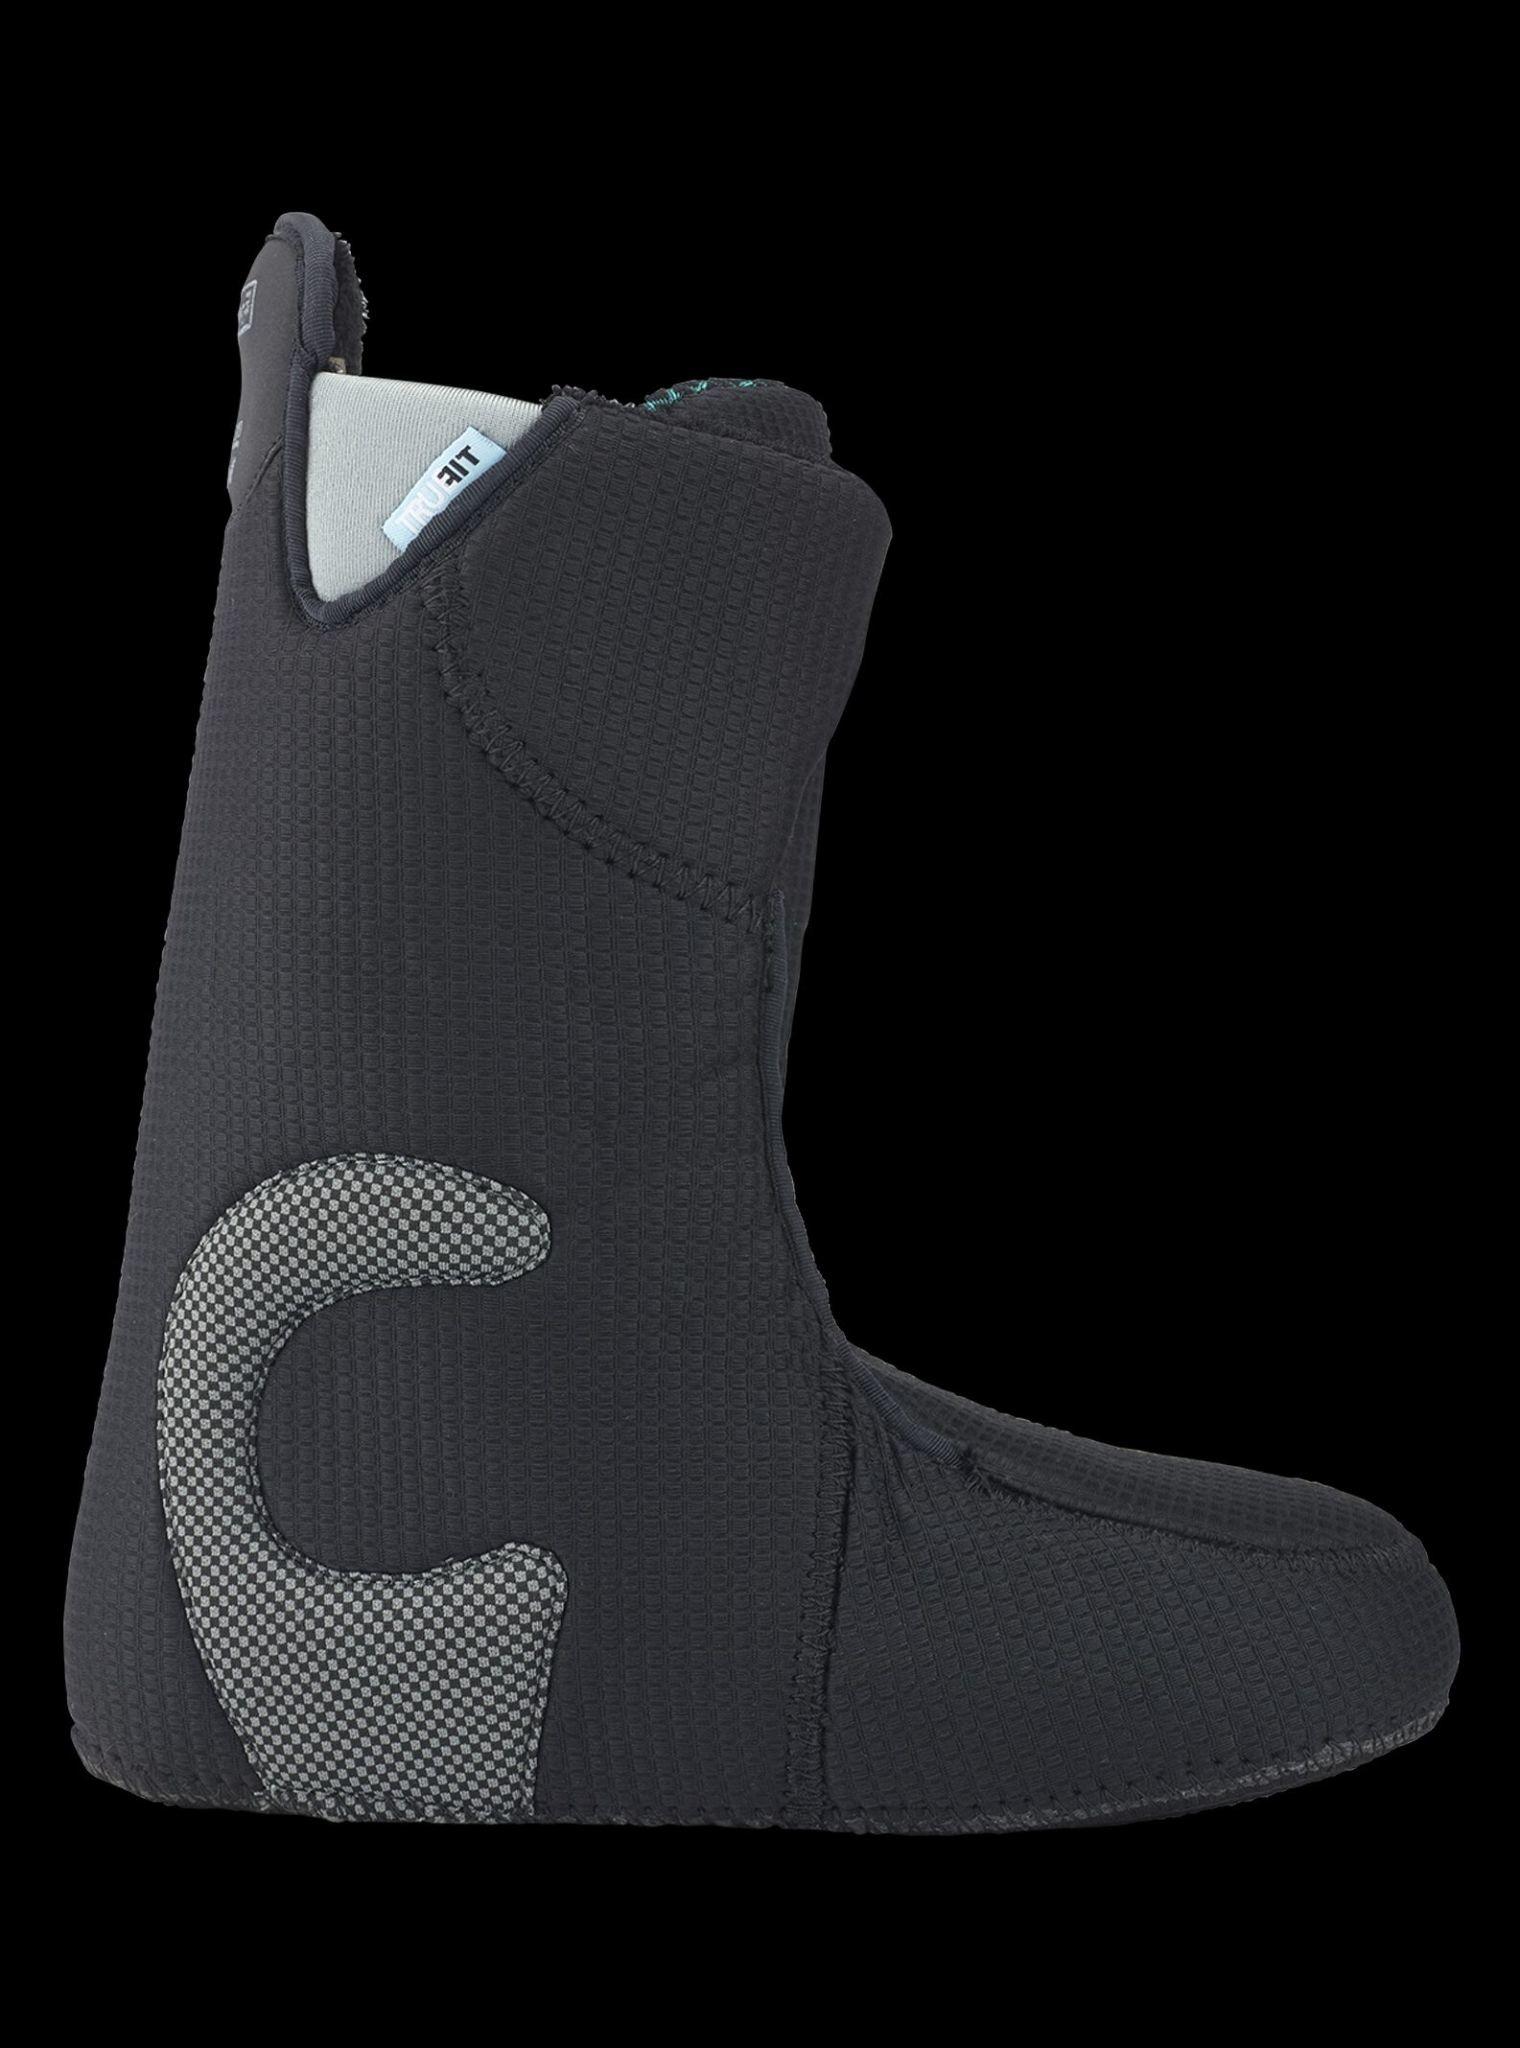 Burton Burton Women's Felix Boa Snowboard Boot (2021)